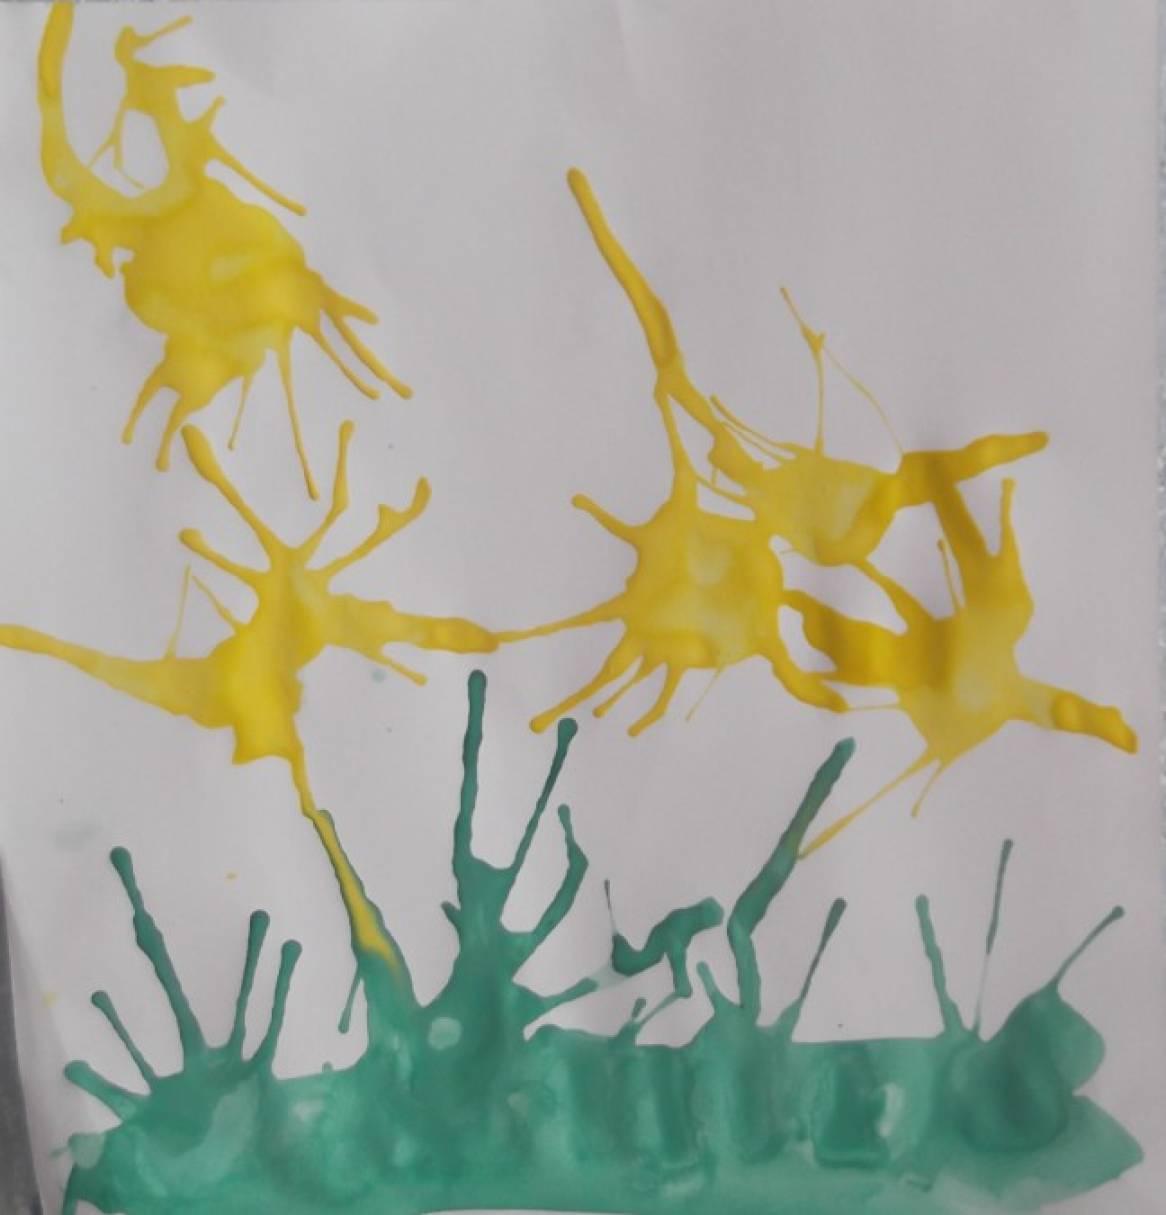 Конспект НОД по рисованию в нетрадиционной технике кляксографии во второй младшей группе «Цветы»